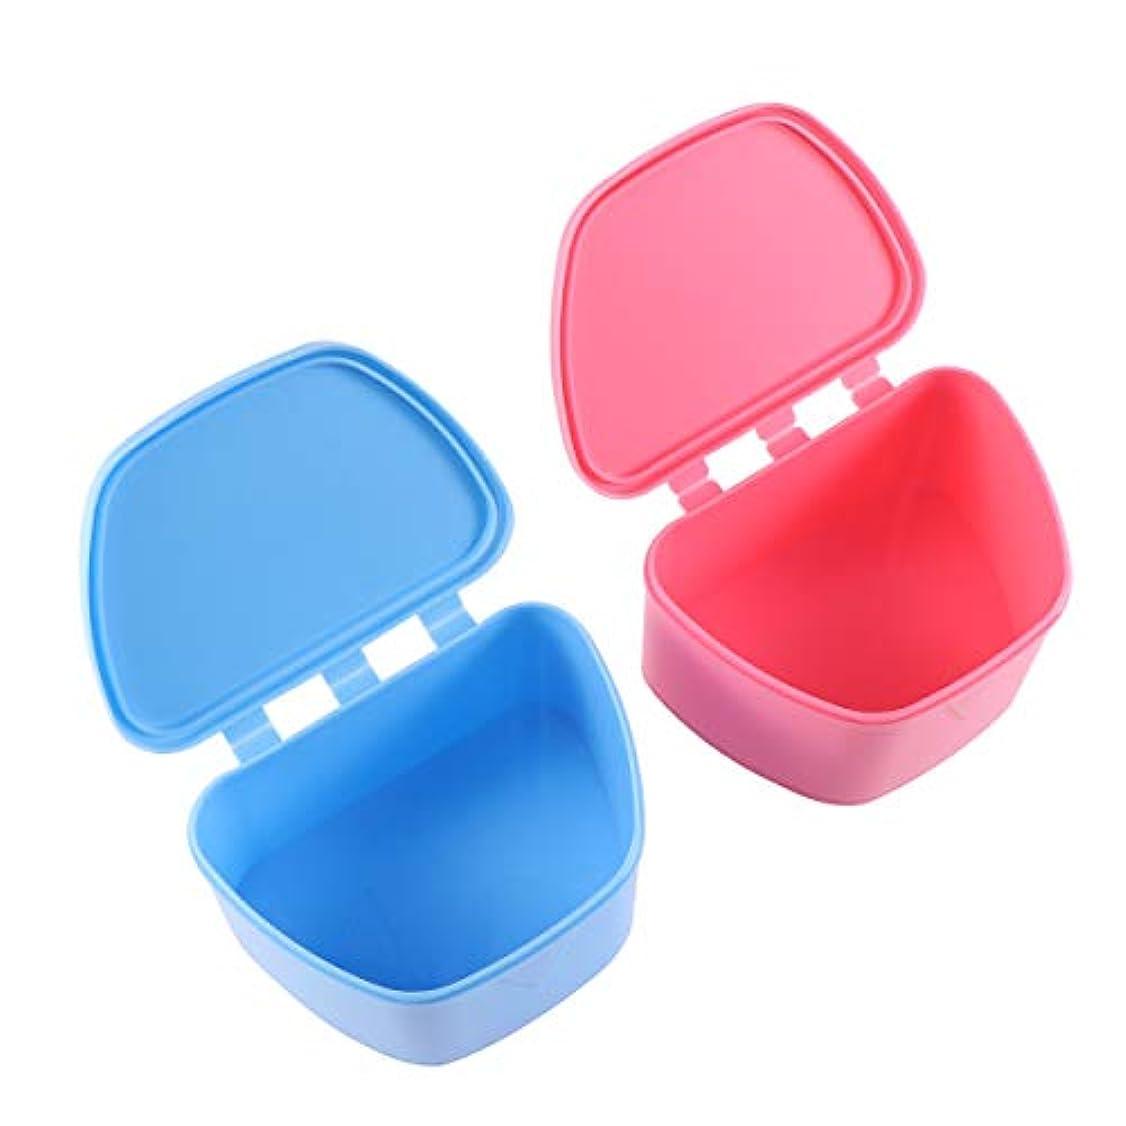 火山継承あいさつHealifty 歯科ケース義歯収納ボックス矯正歯科ボックス2個(青とロージー)